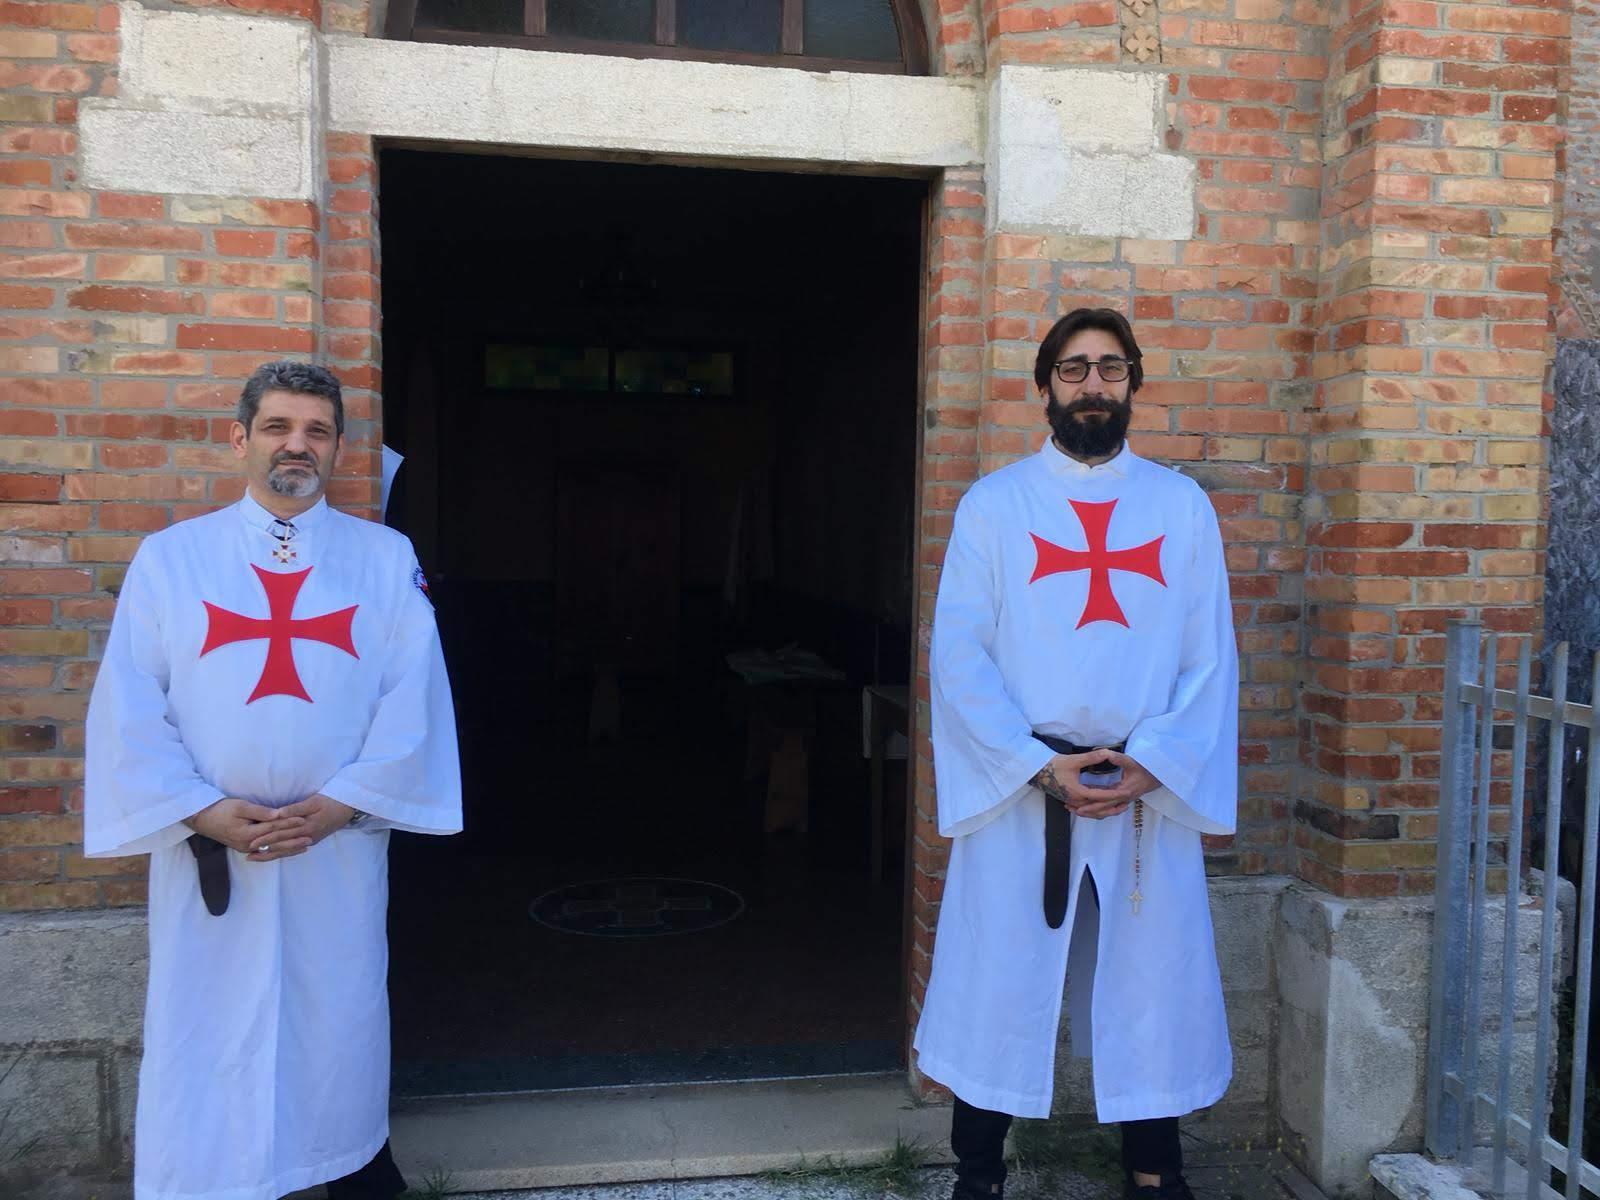 Apertura e Custodia – Chiesa degli Orfani- Coriano (RN) 16 giu 2019